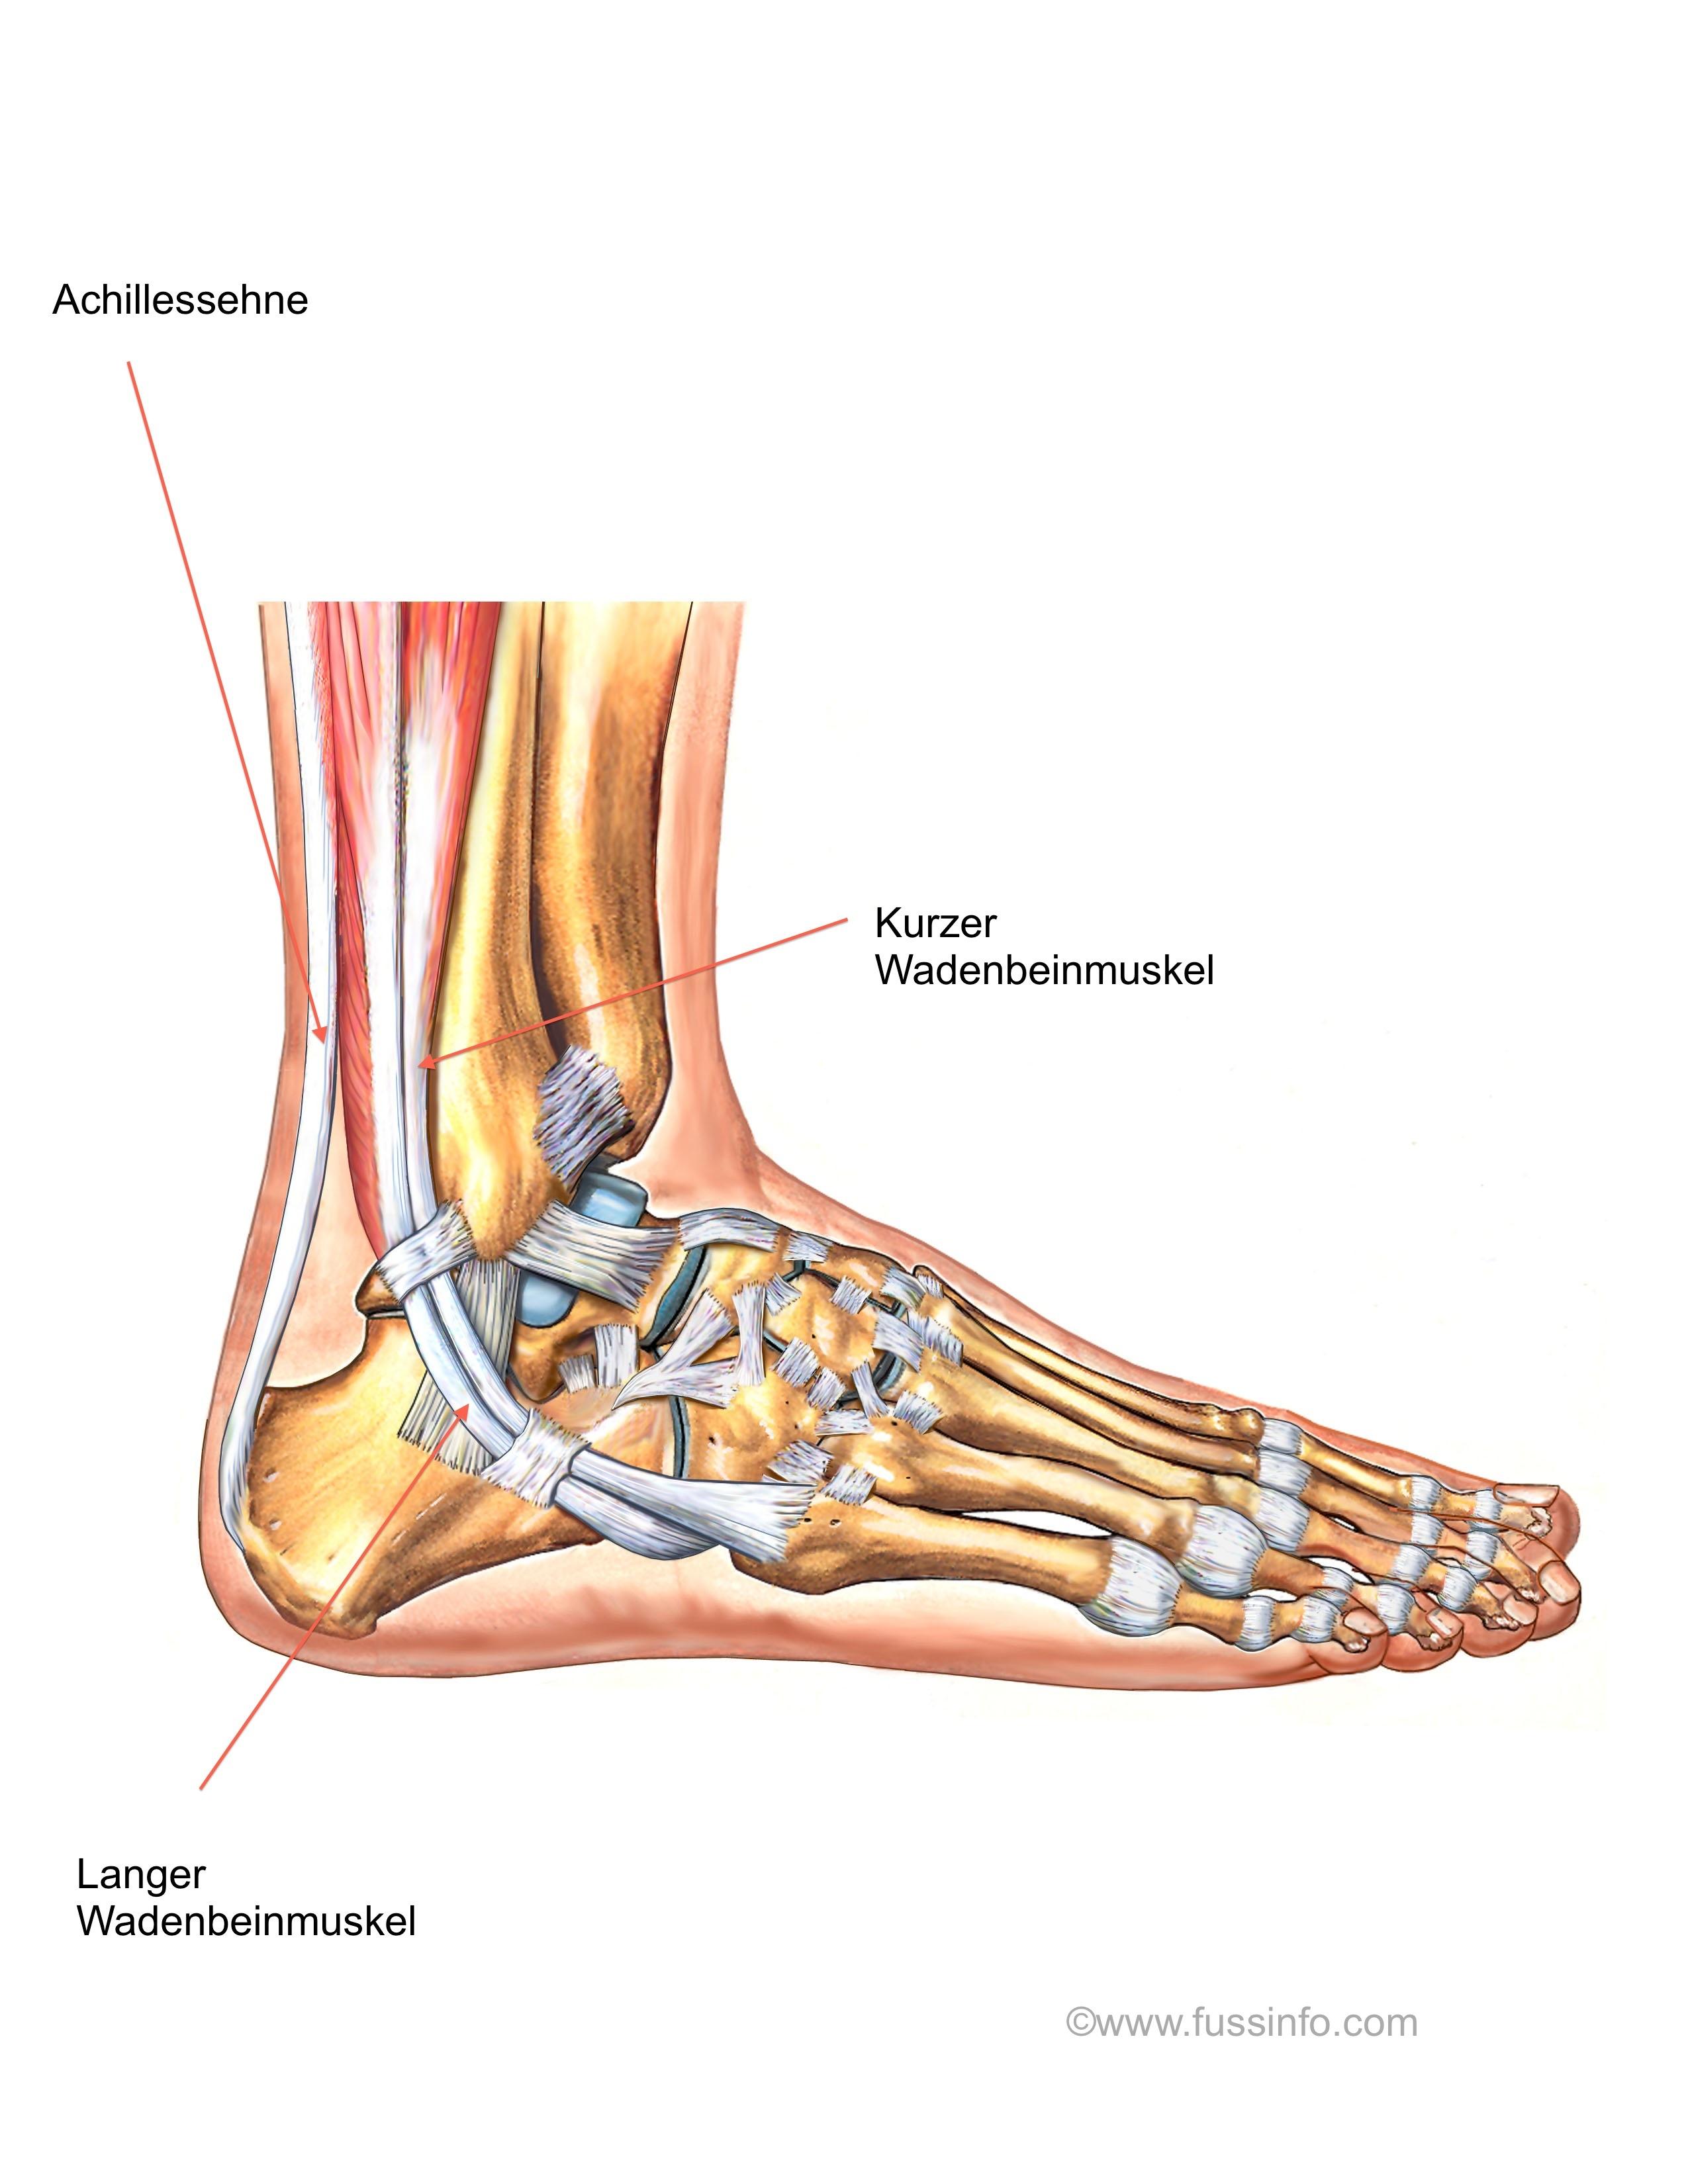 Muskeln und Sehnen des Fusses und Sprunggelenkes – fussInfo